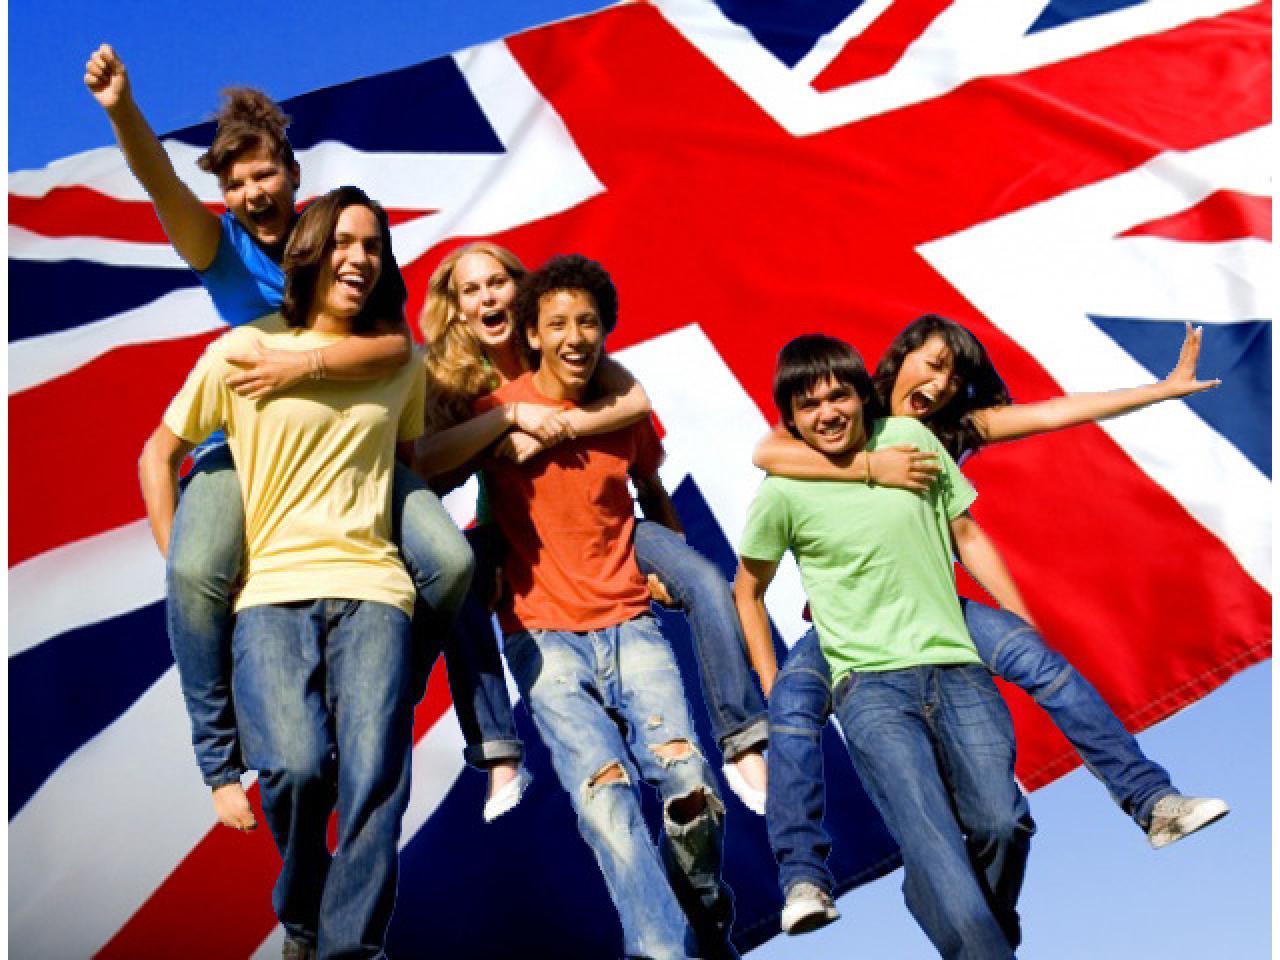 Образование в Англии для граждан ЕС или членов семьи из ЕС - 1